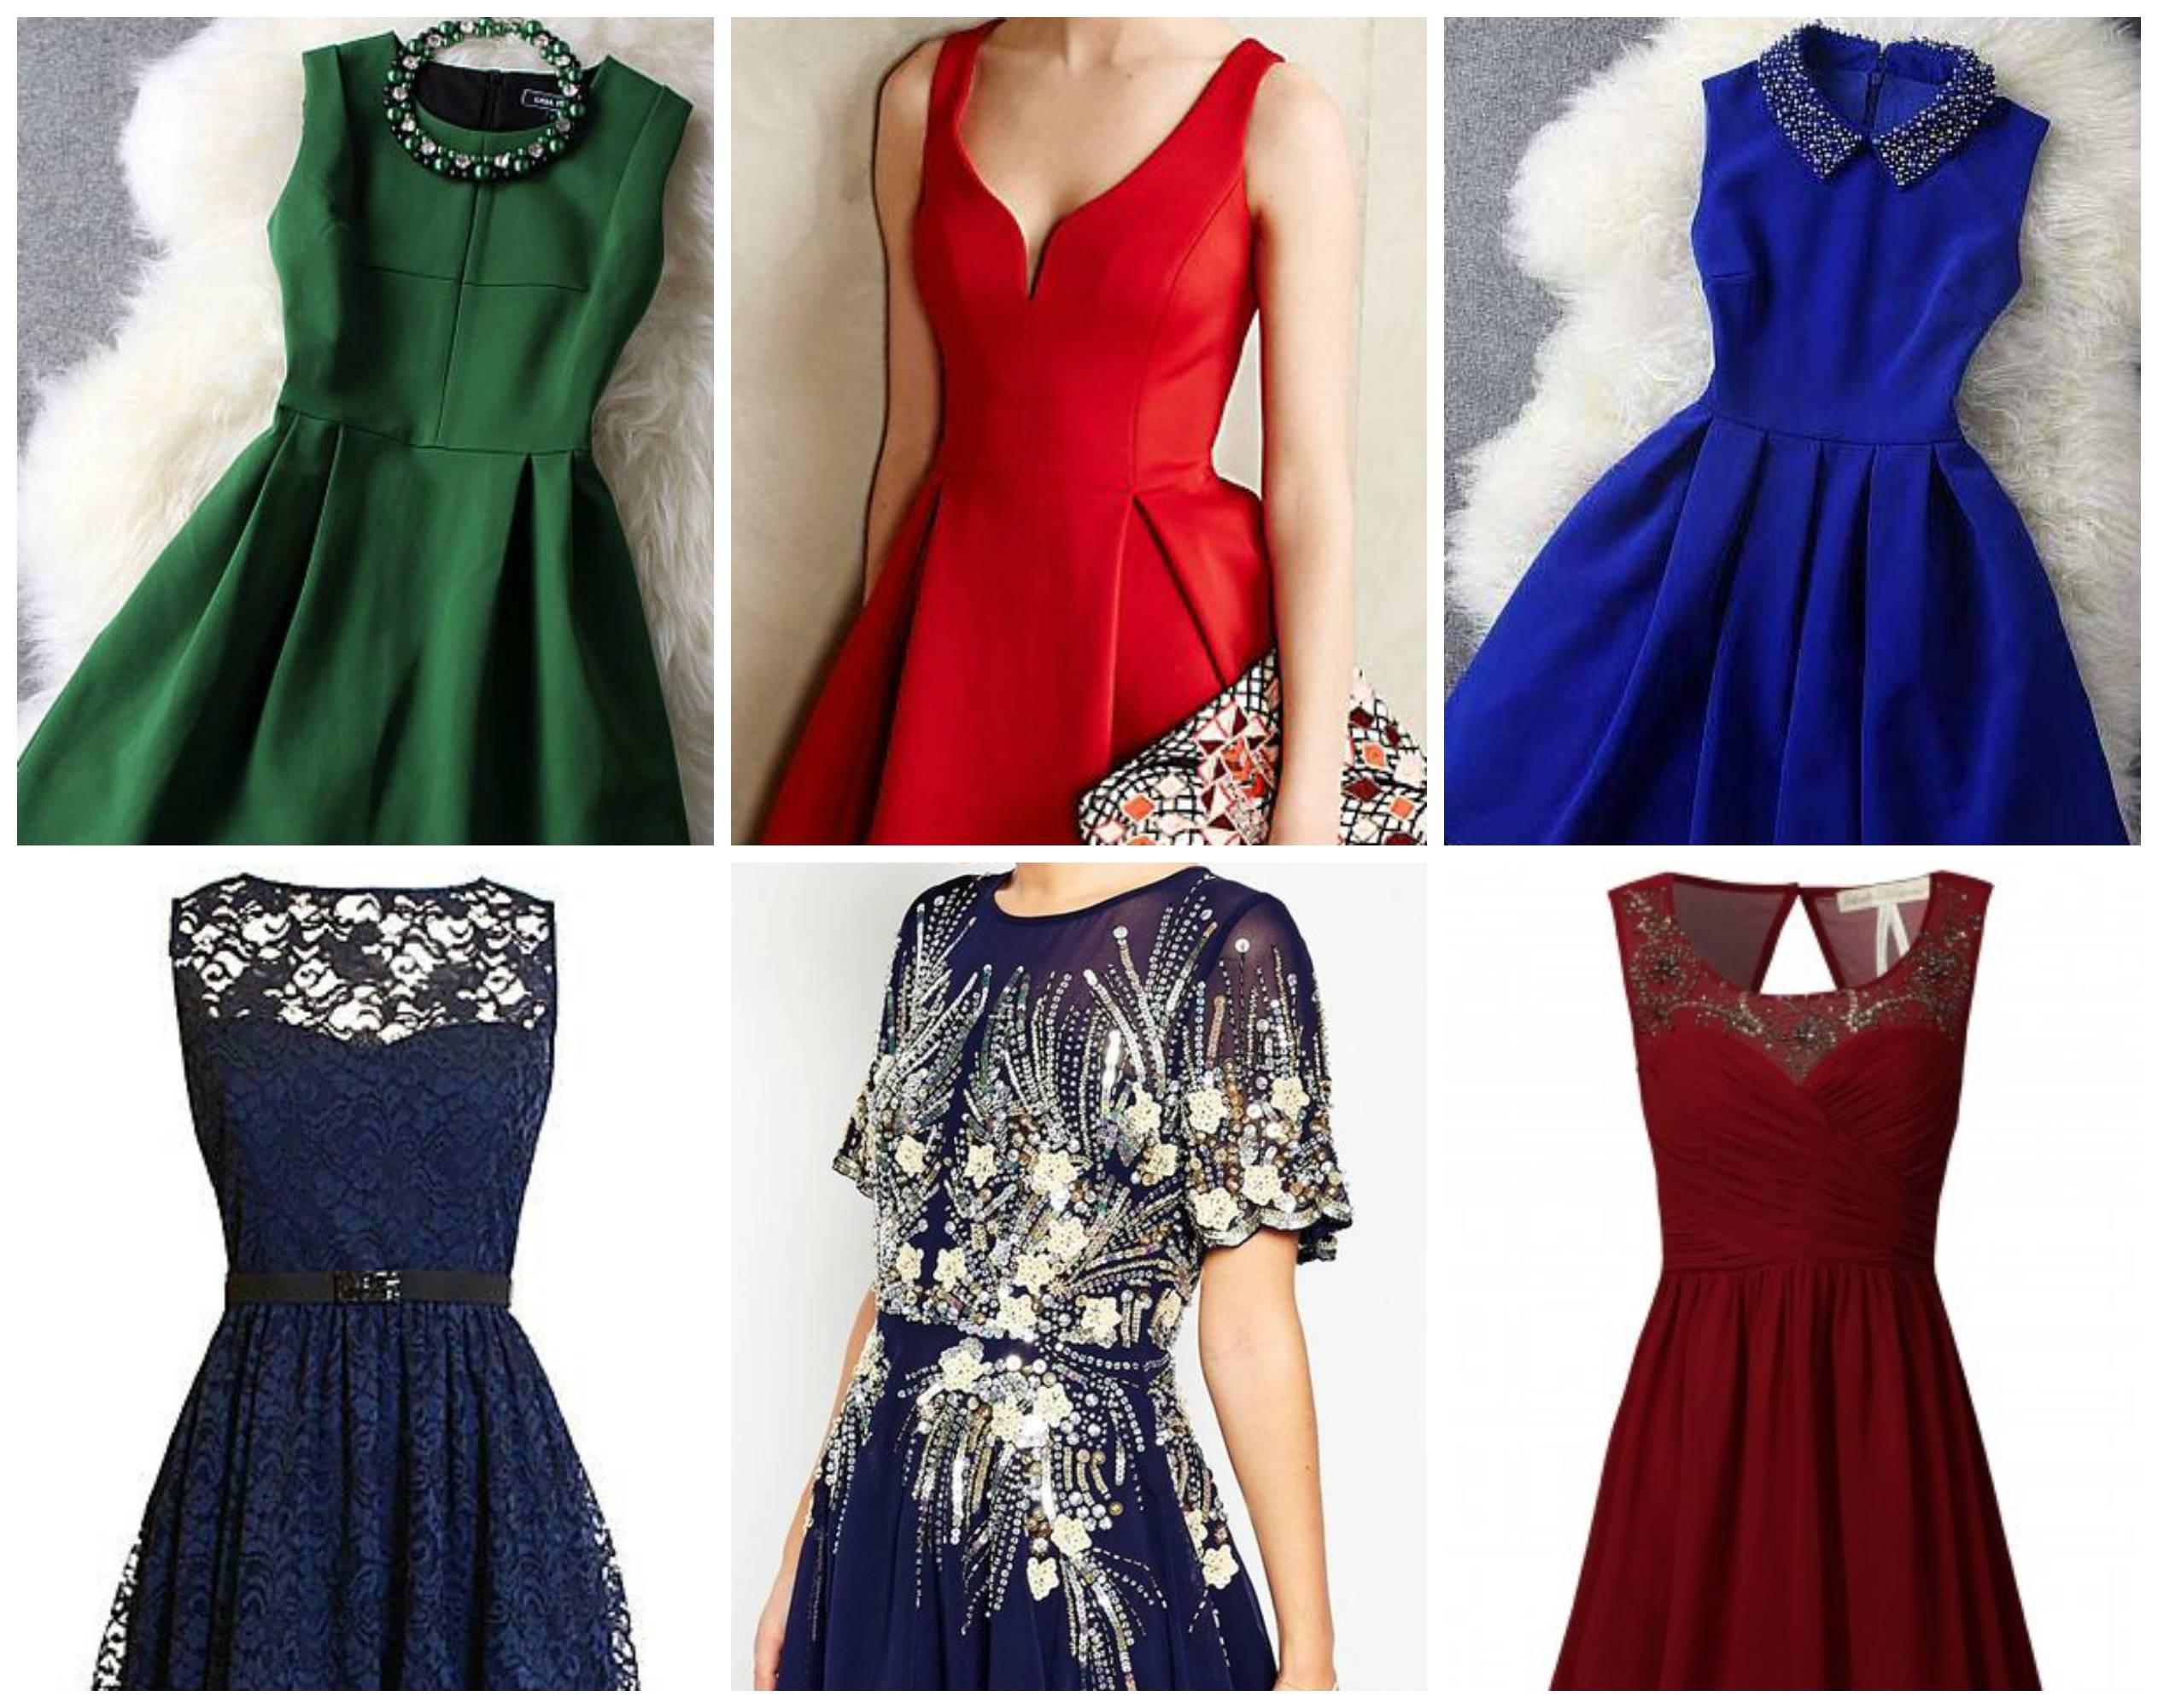 negozio online 875f4 94f08 Test: un vestito per Natale